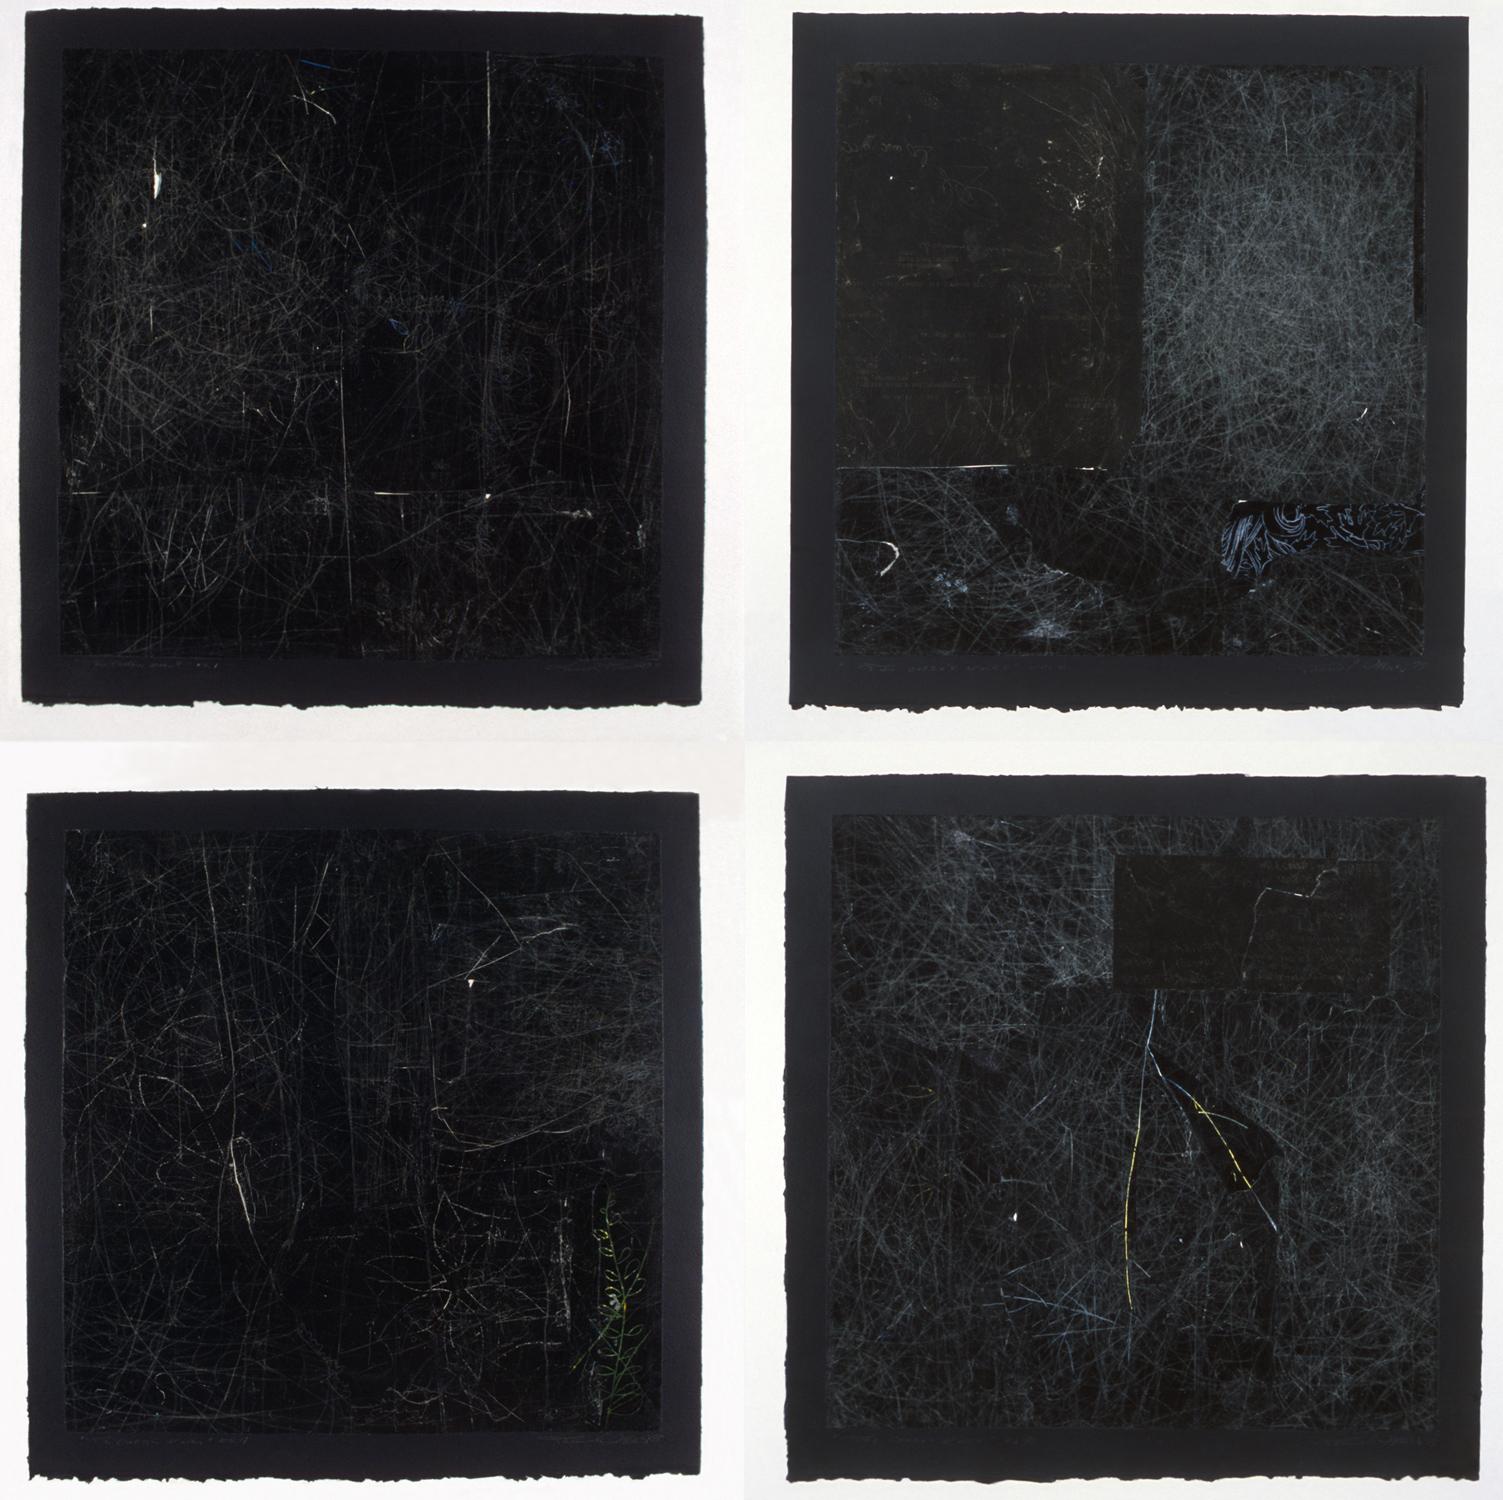 Les carrés noirs no 1, 6, 4, 7, 1998-1999. Gouache et crayon sur papier carbone, 92 x 92 cm. Collection du Musée national des beaux-arts du Québec.